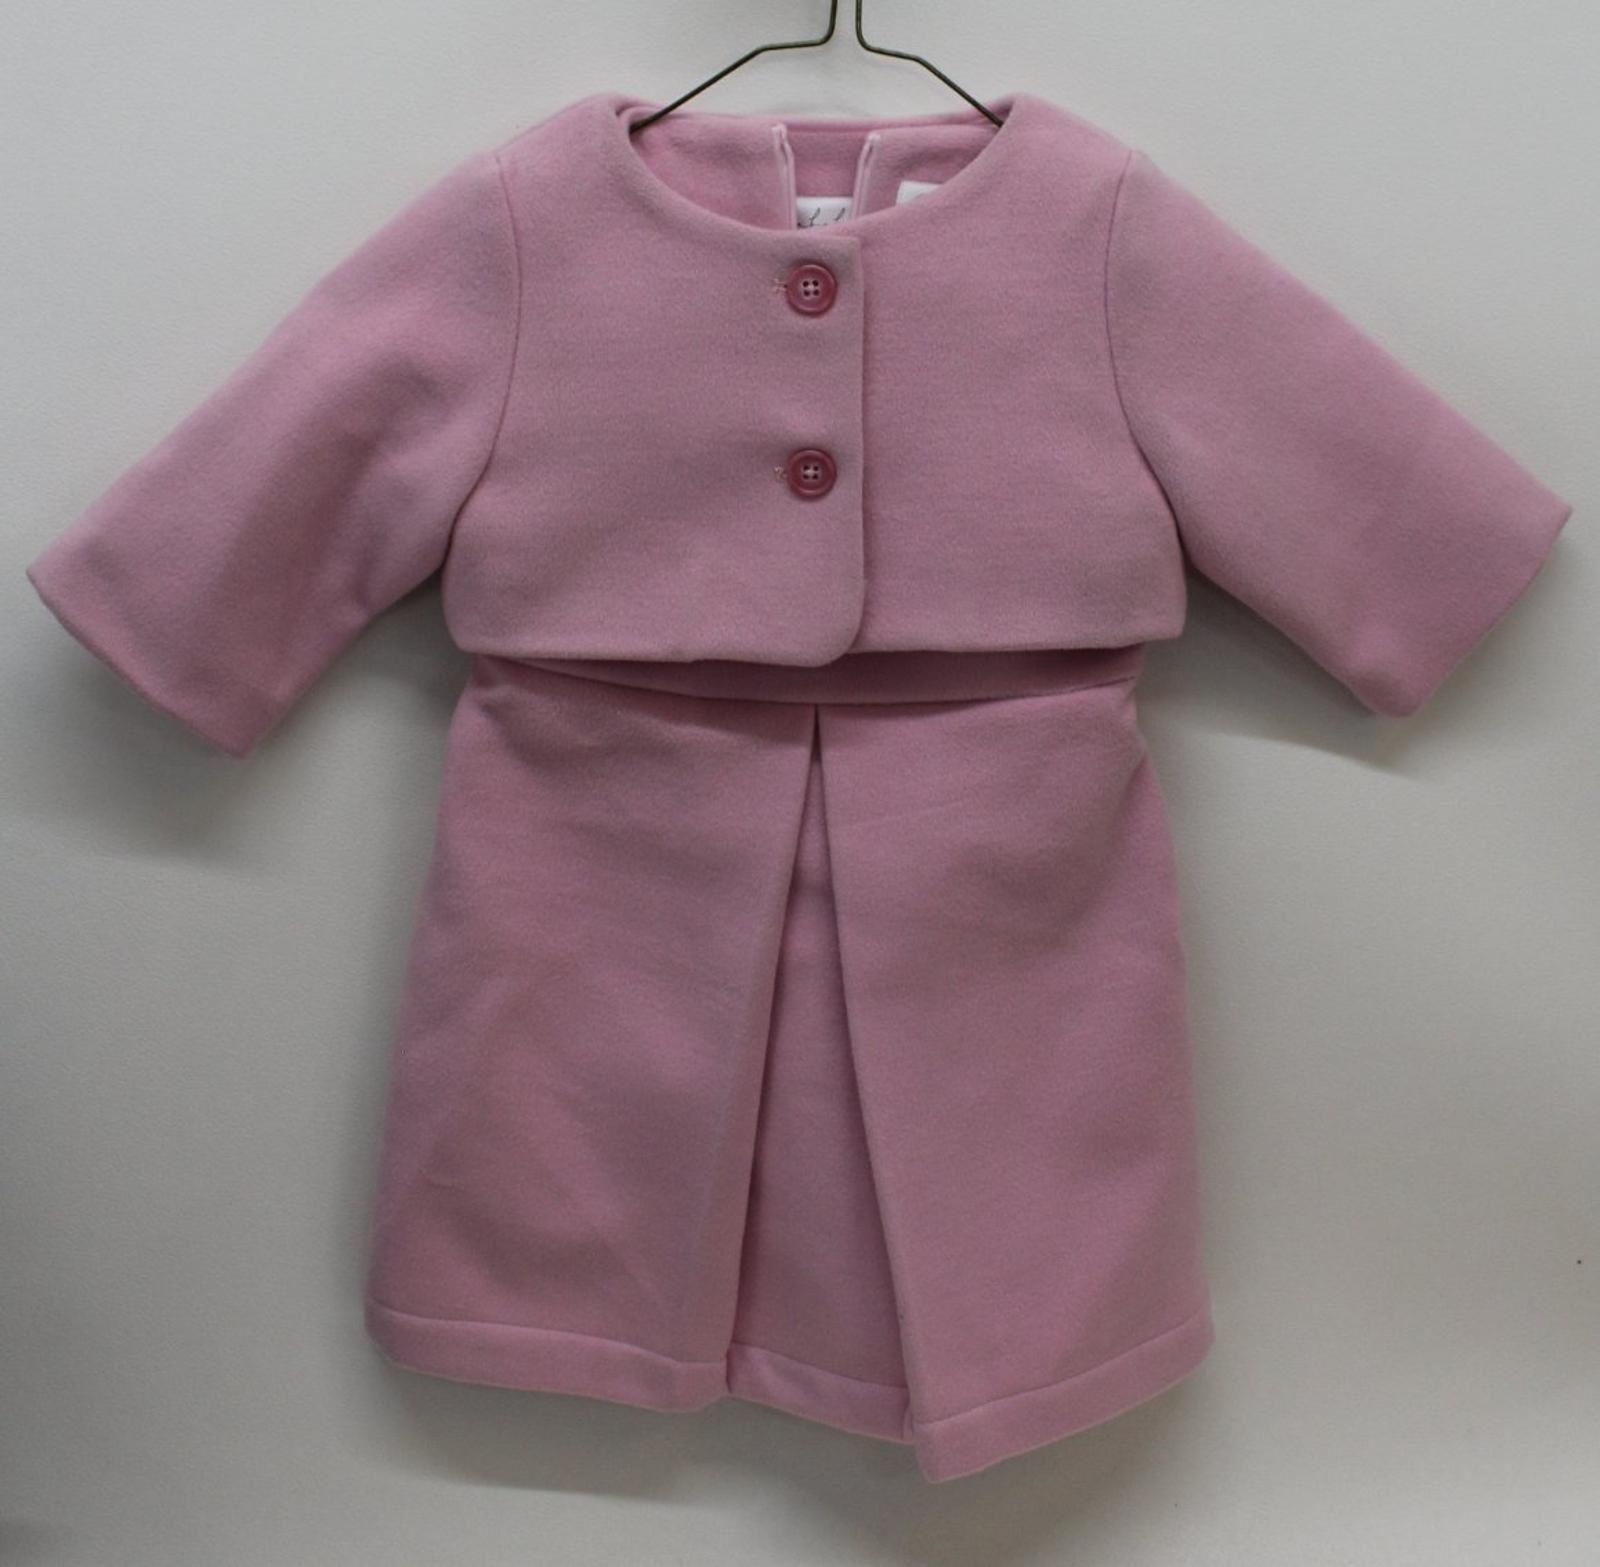 Aisabobo Donna Baby Rosa Ragazze Abito & Giacca Di Corrispondenza Set Outfit Età 3yrs-mostra Il Titolo Originale